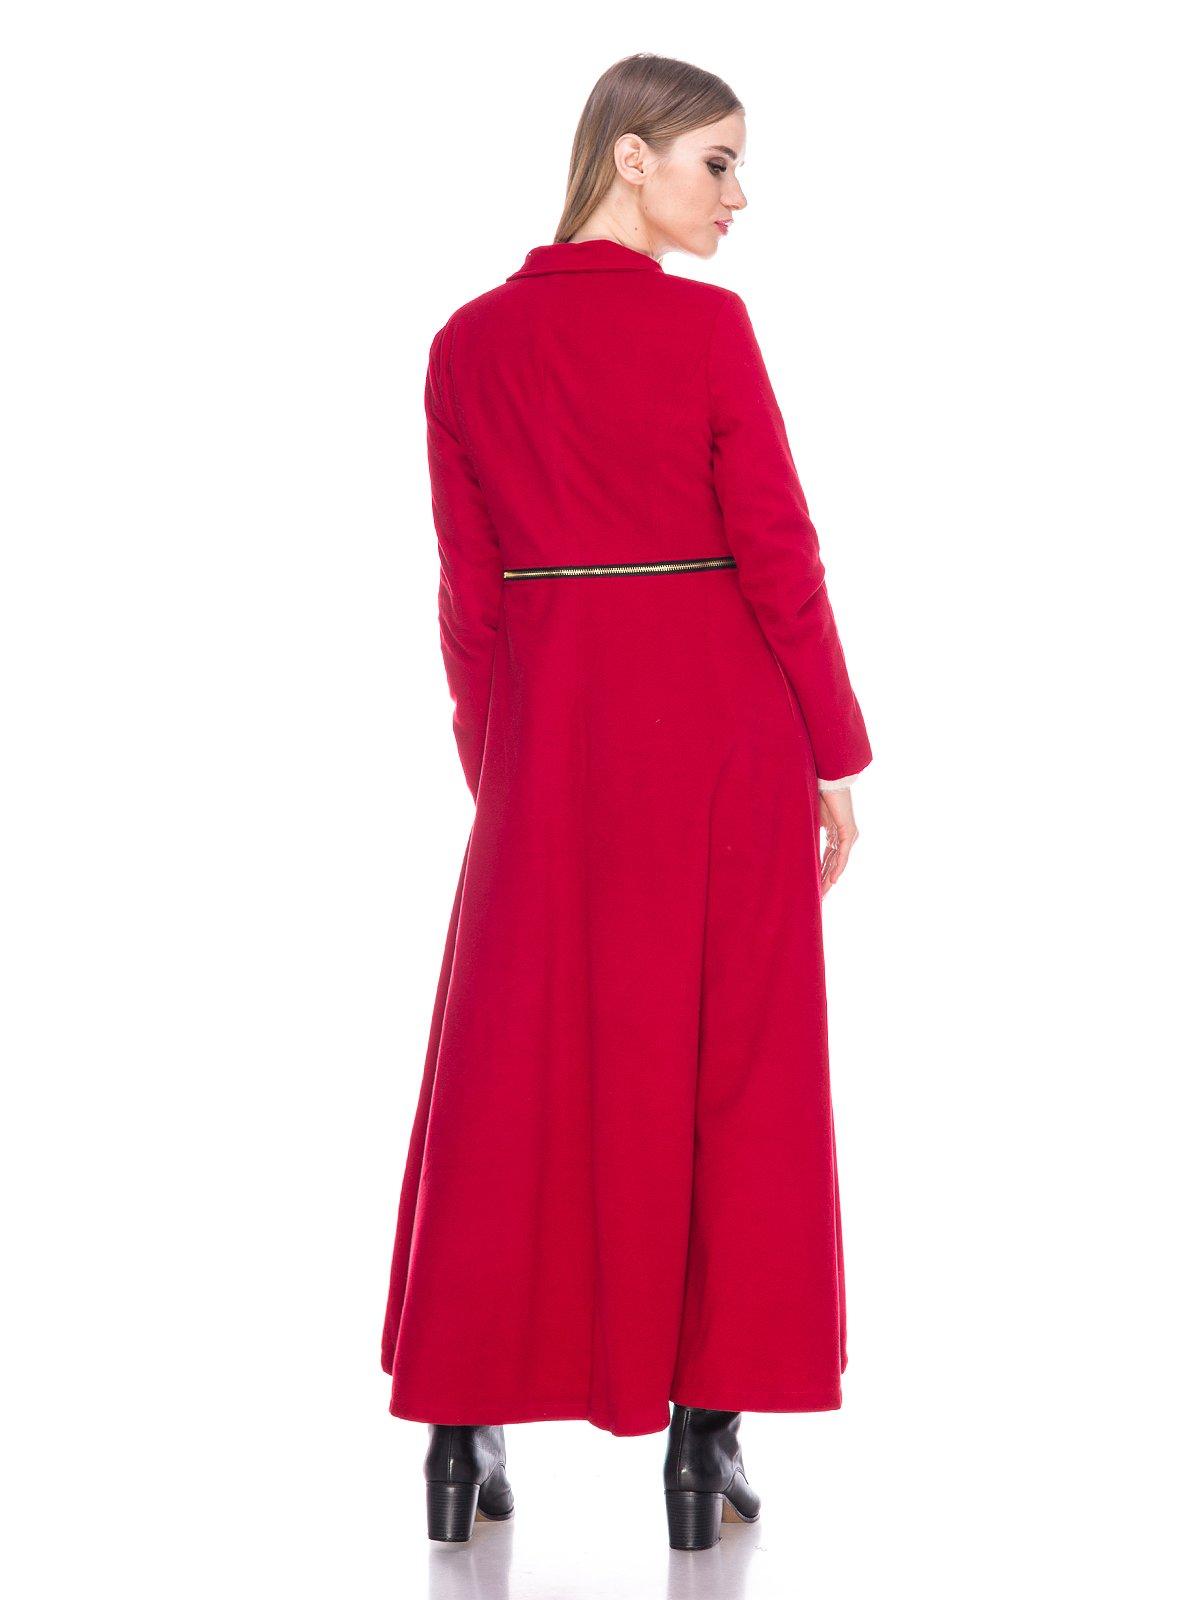 Пальто бордовое | 3575172 | фото 2